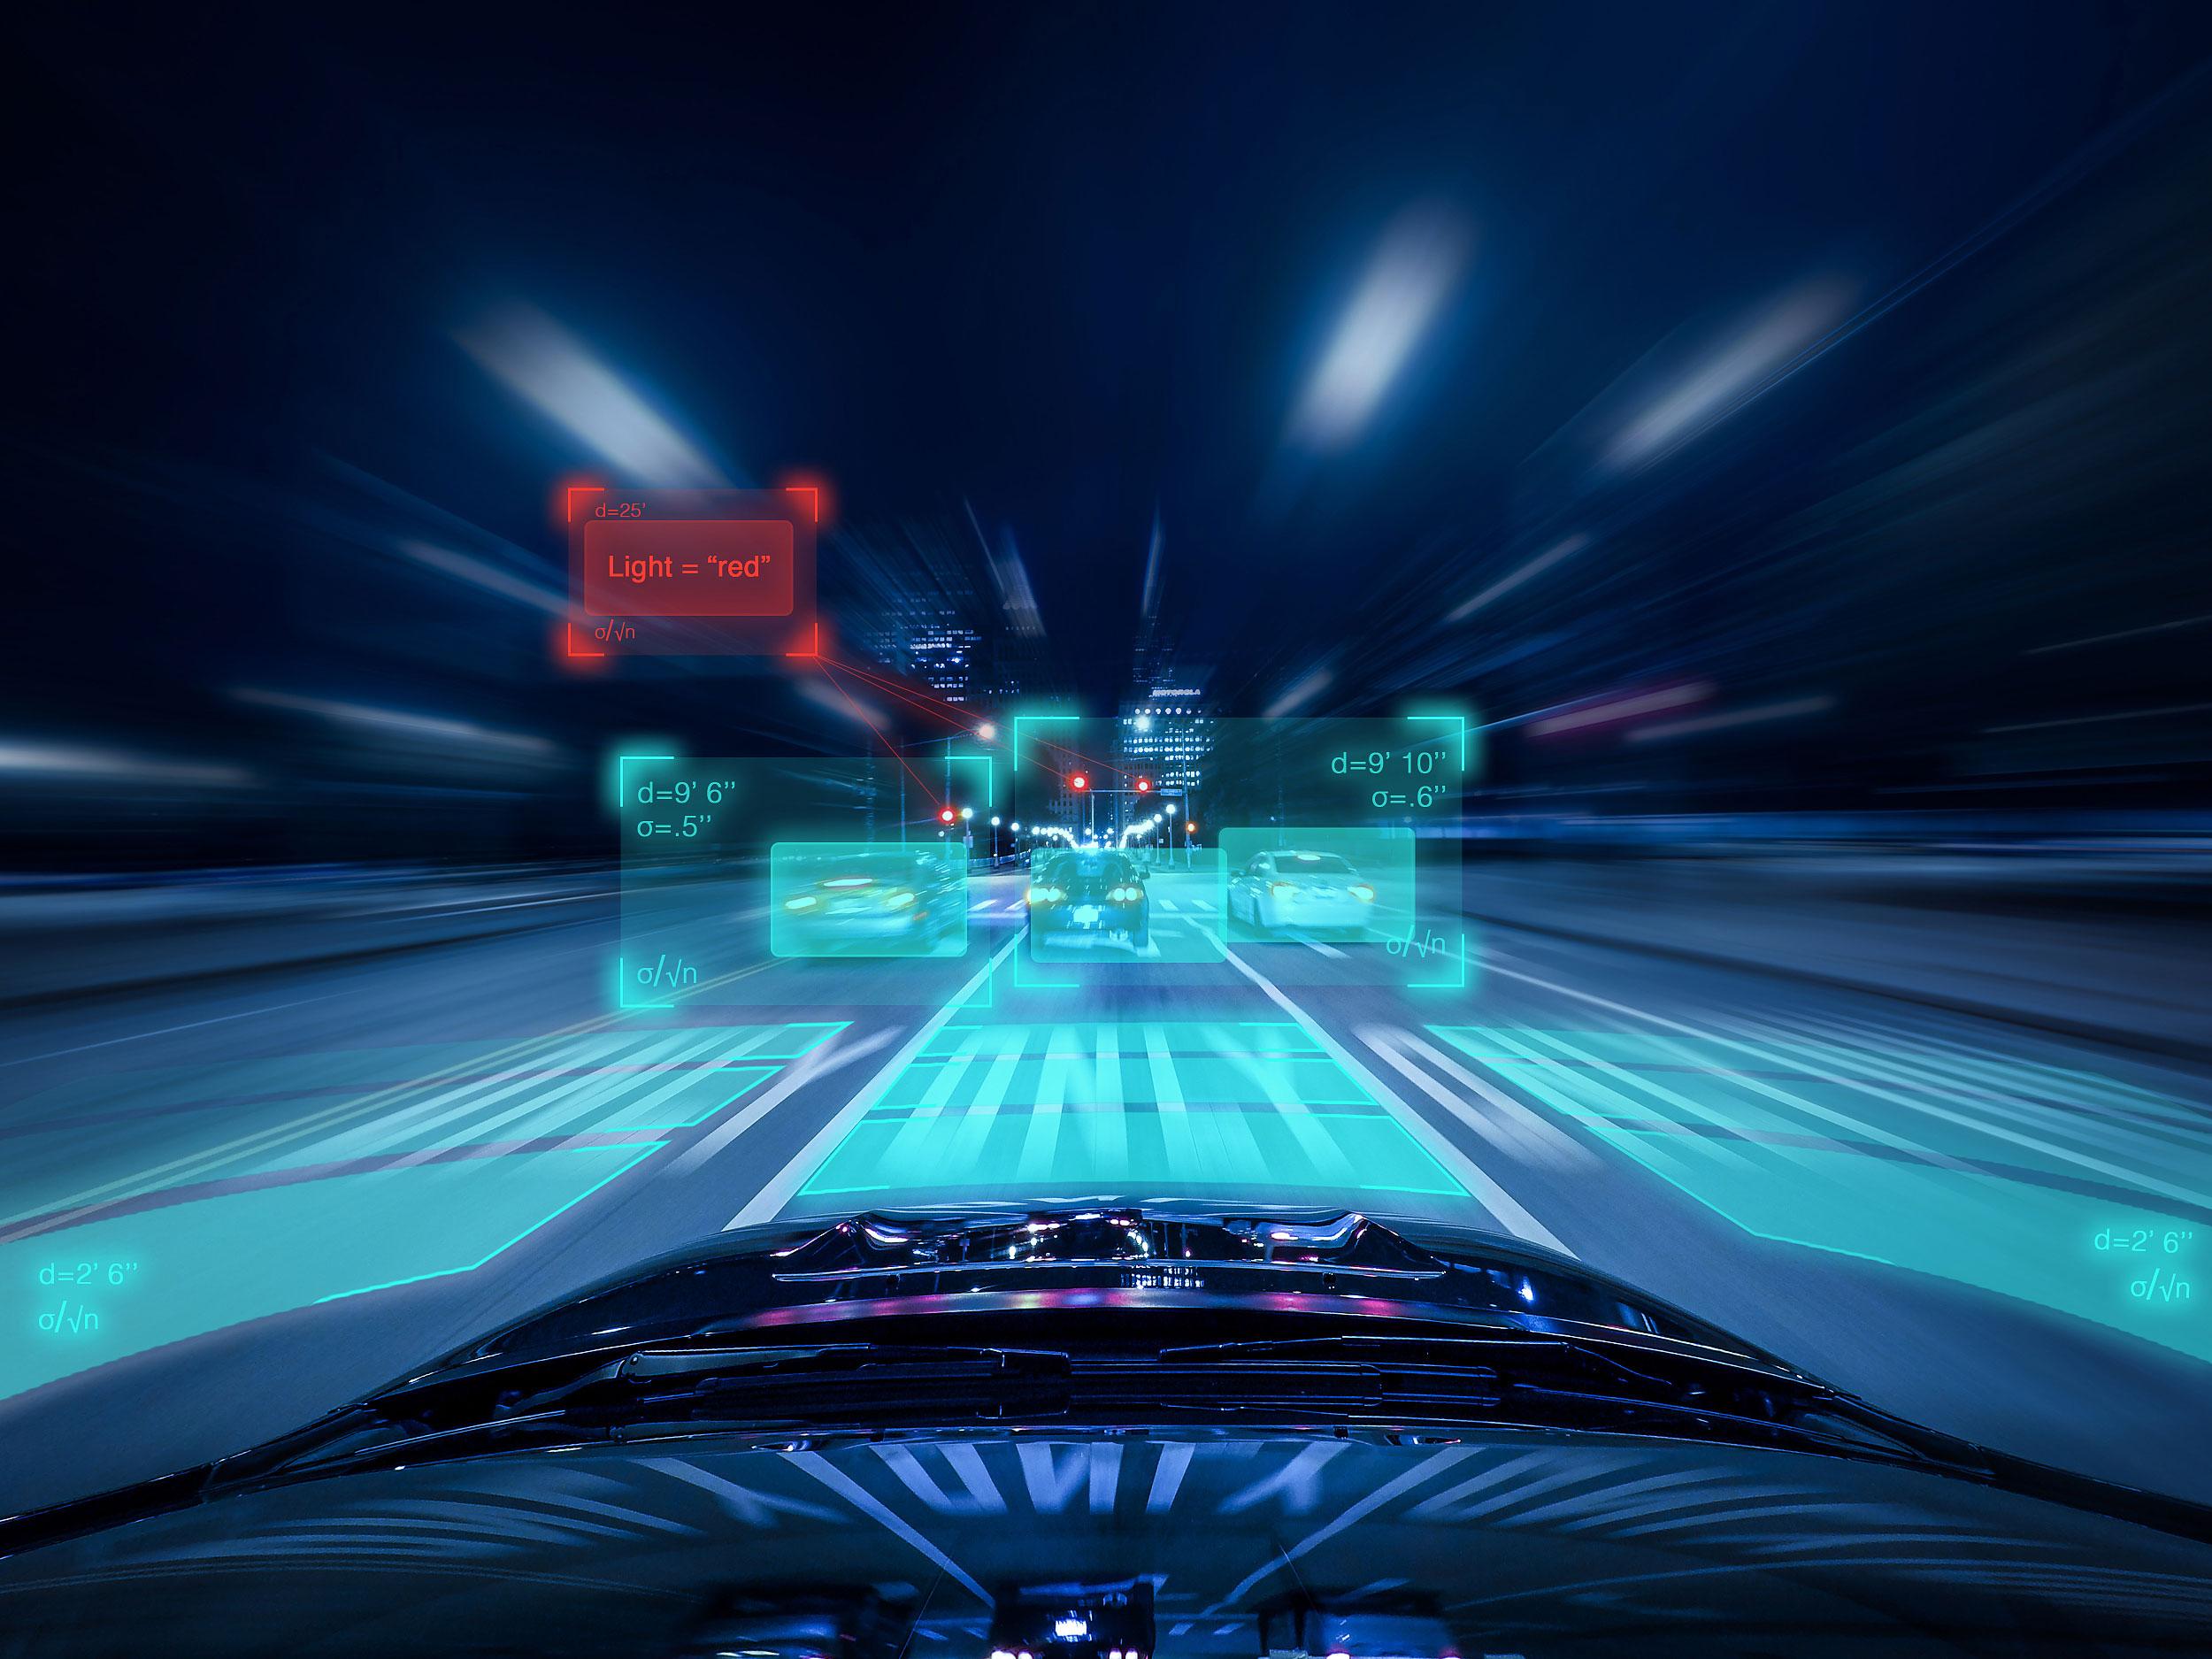 驾驶行为数据分析服务